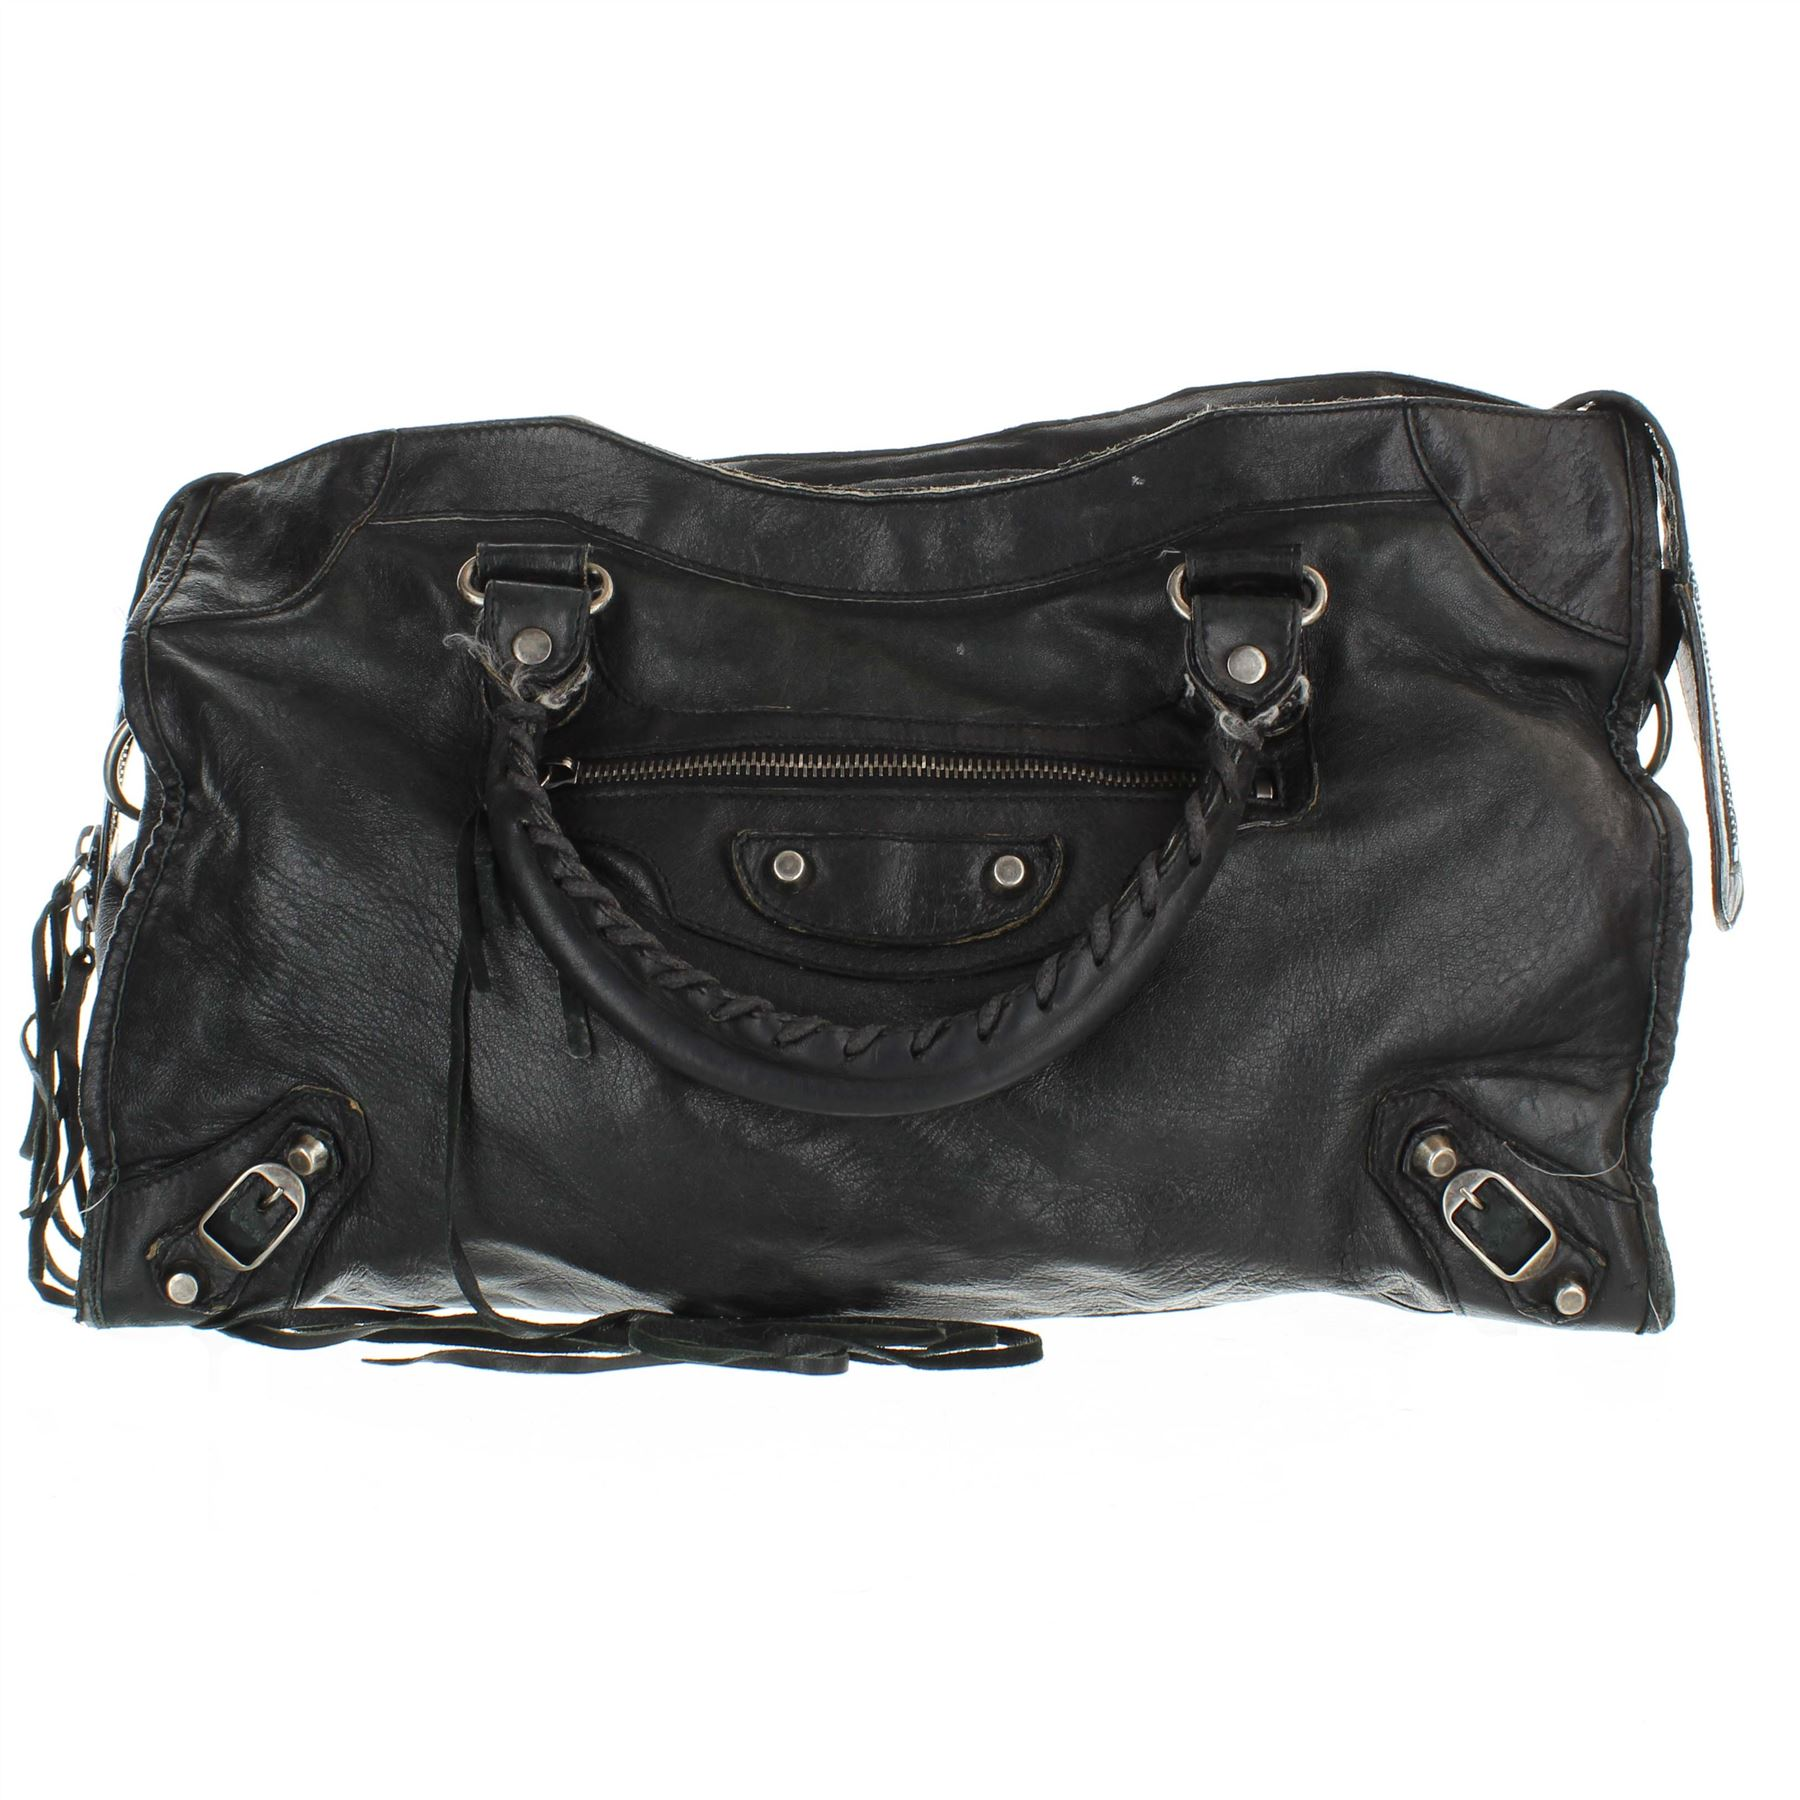 nuova collezione 98629 902b6 Dettagli su BALENCIAGA City Borsa a tracolla in pelle nera, 9.25' X 5' X 15'